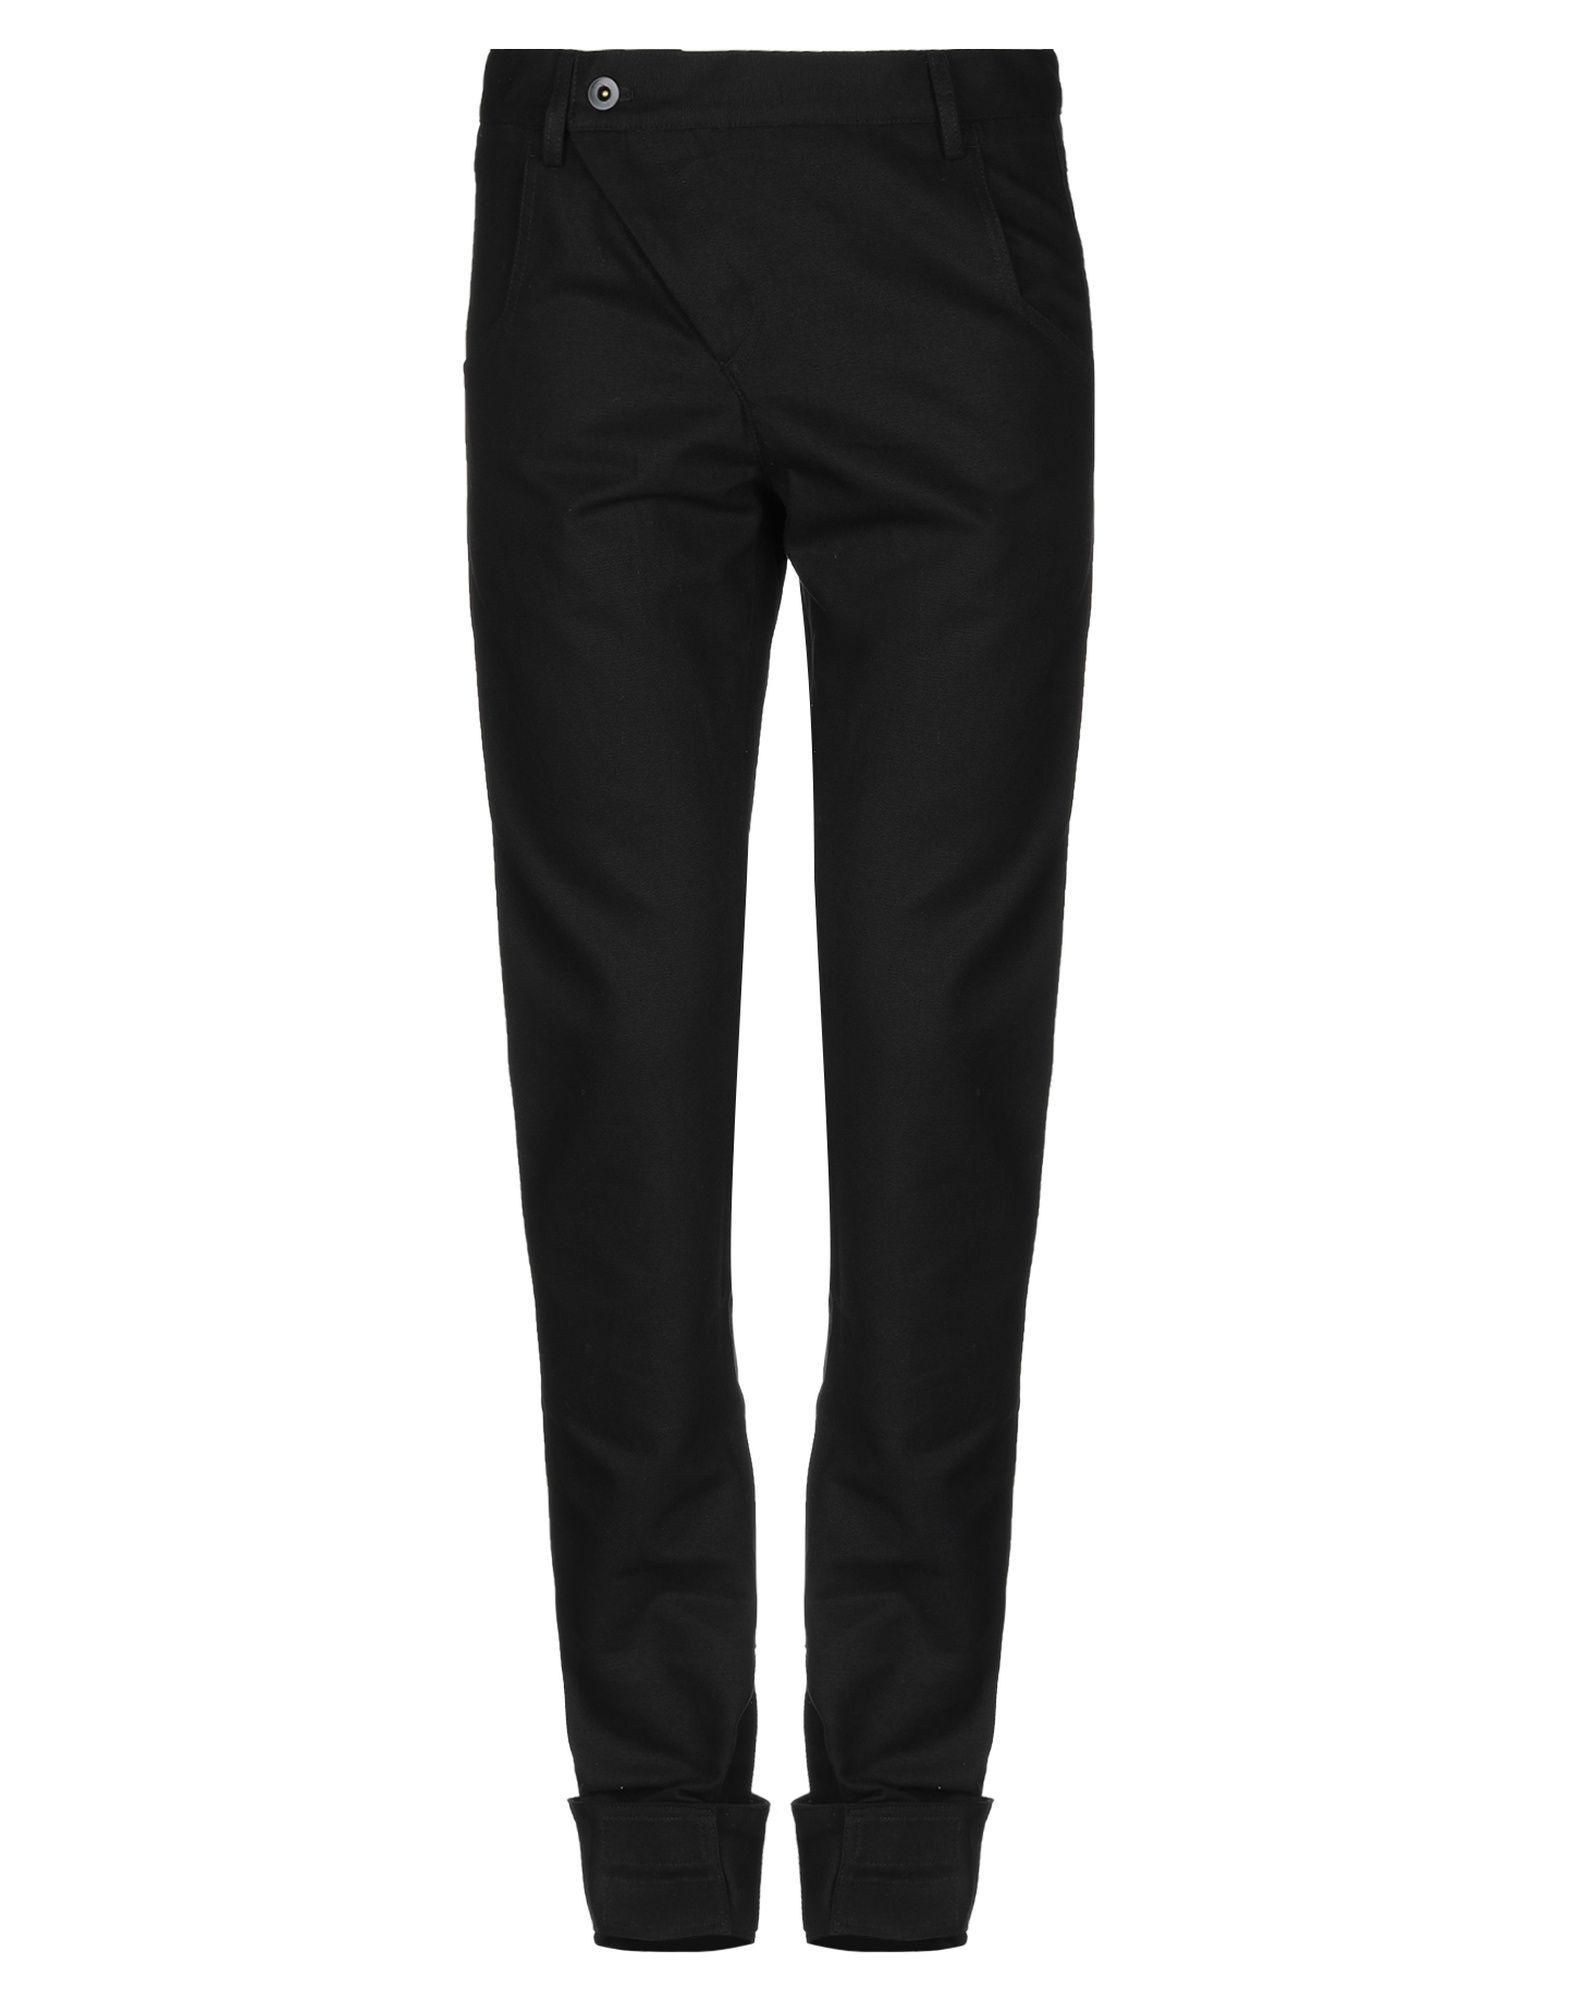 《送料無料》D.GNAK by KANG.D メンズ パンツ ブラック 32 コットン 100%